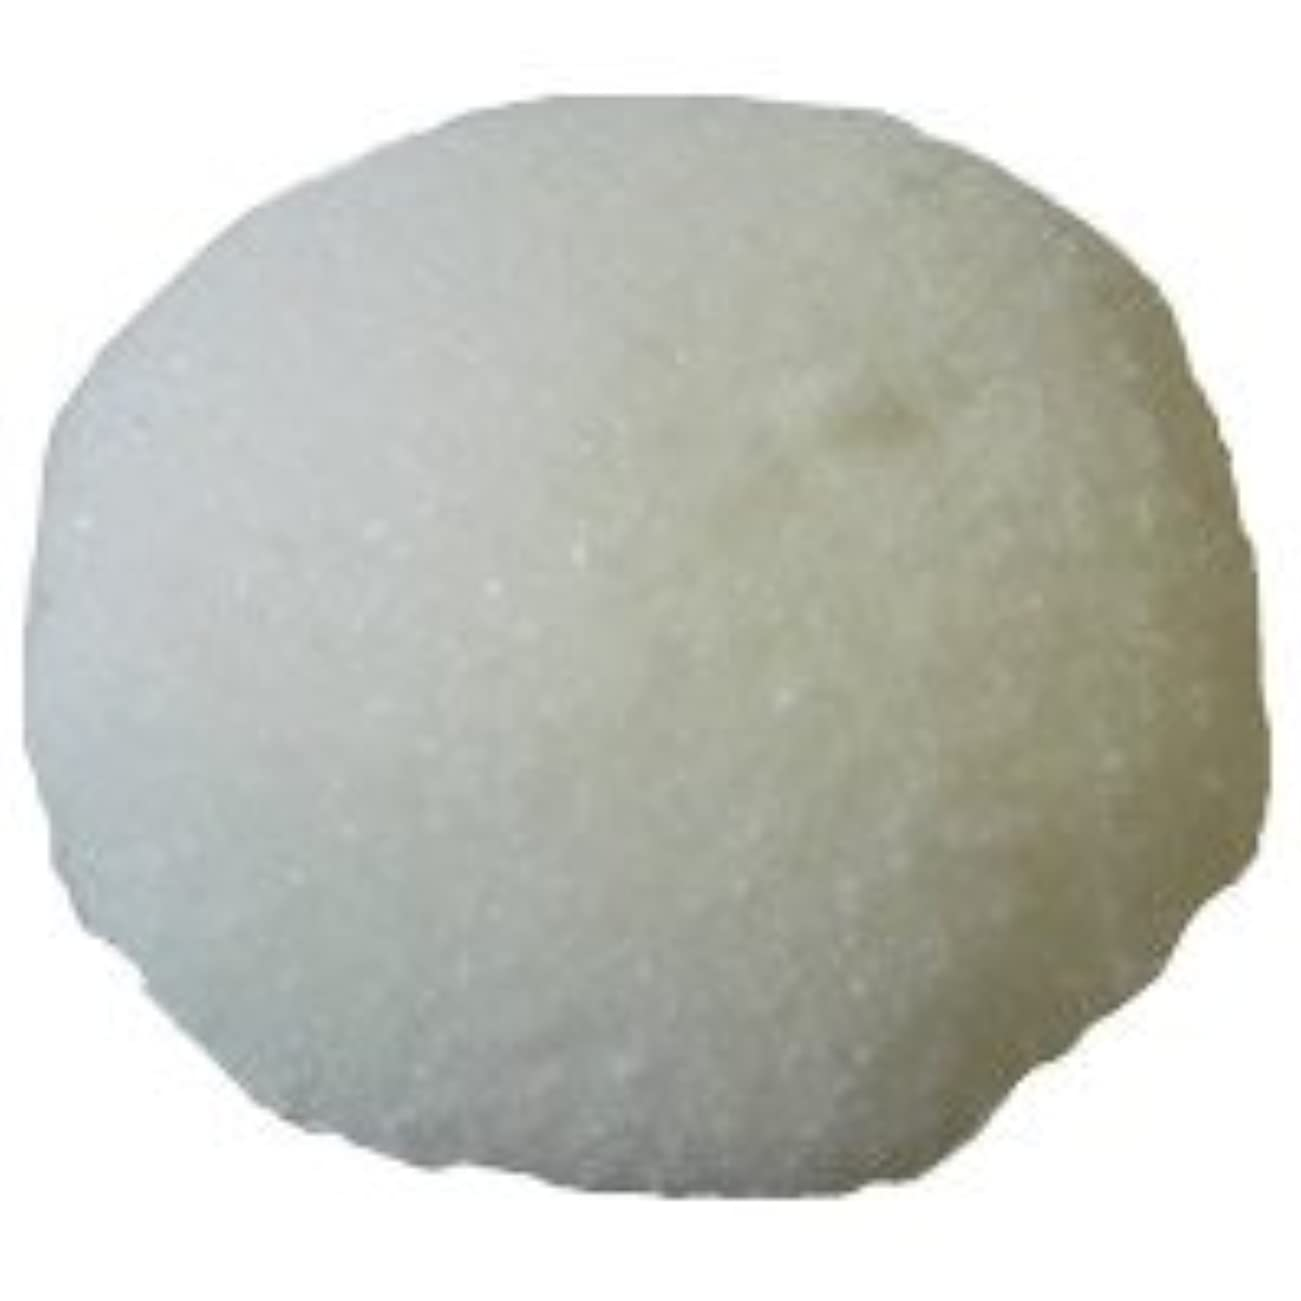 構造的ラフト死の顎カリス成城 キャンドルの素 1kg